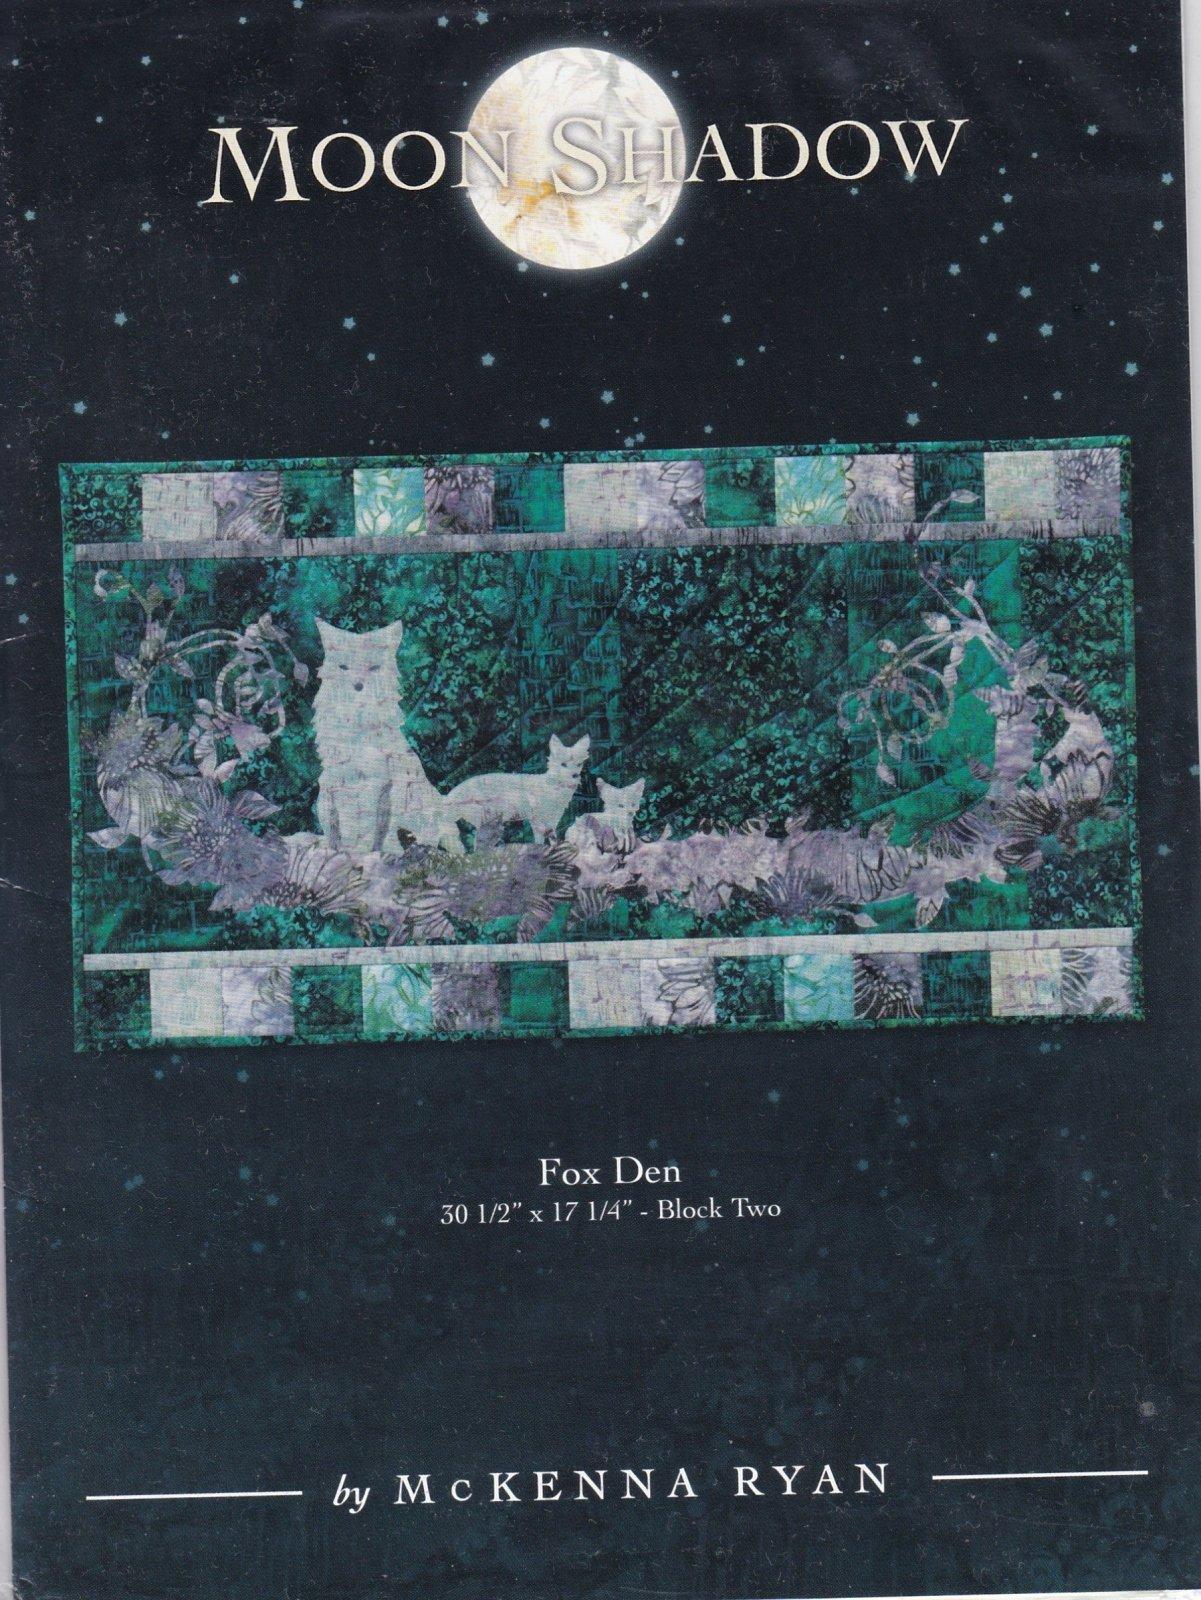 Moon Shadow - Fox Den